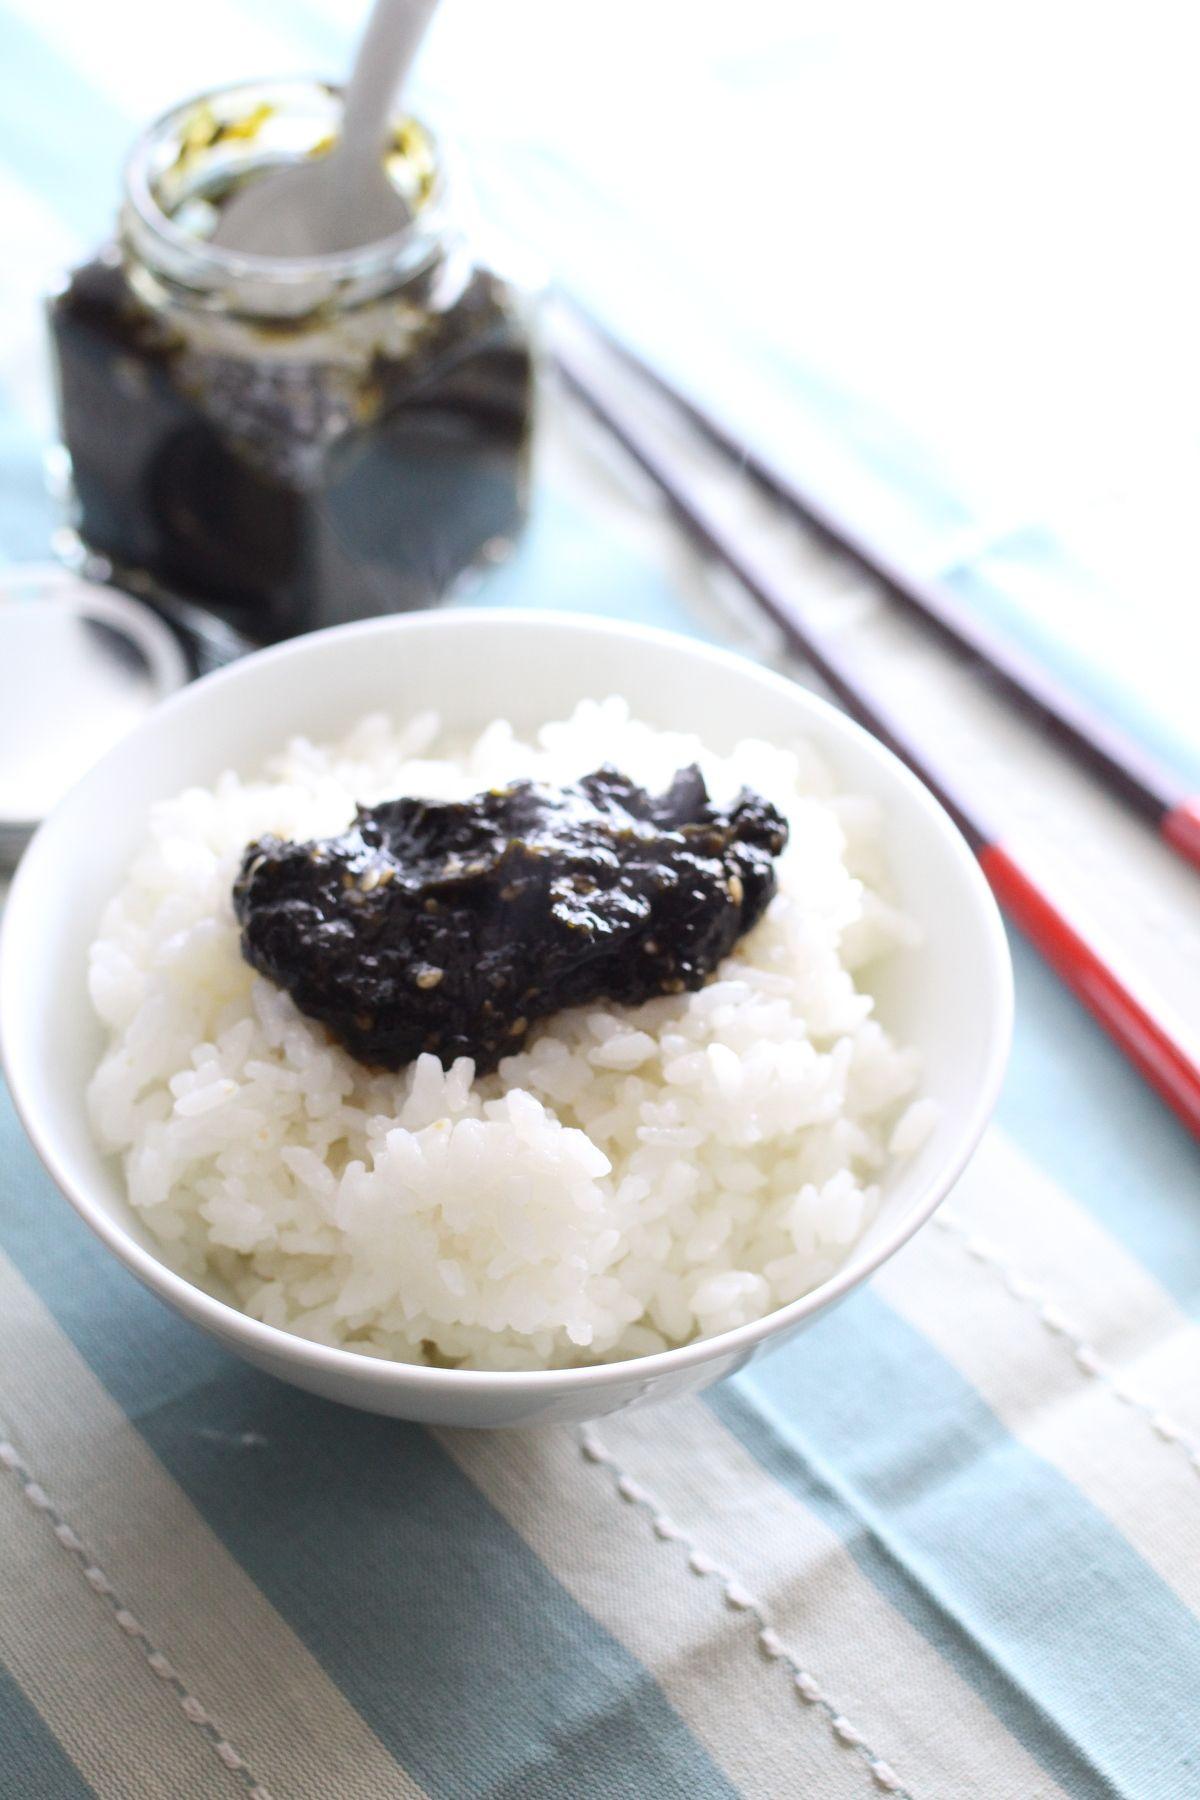 佃煮 海苔 レシピ の